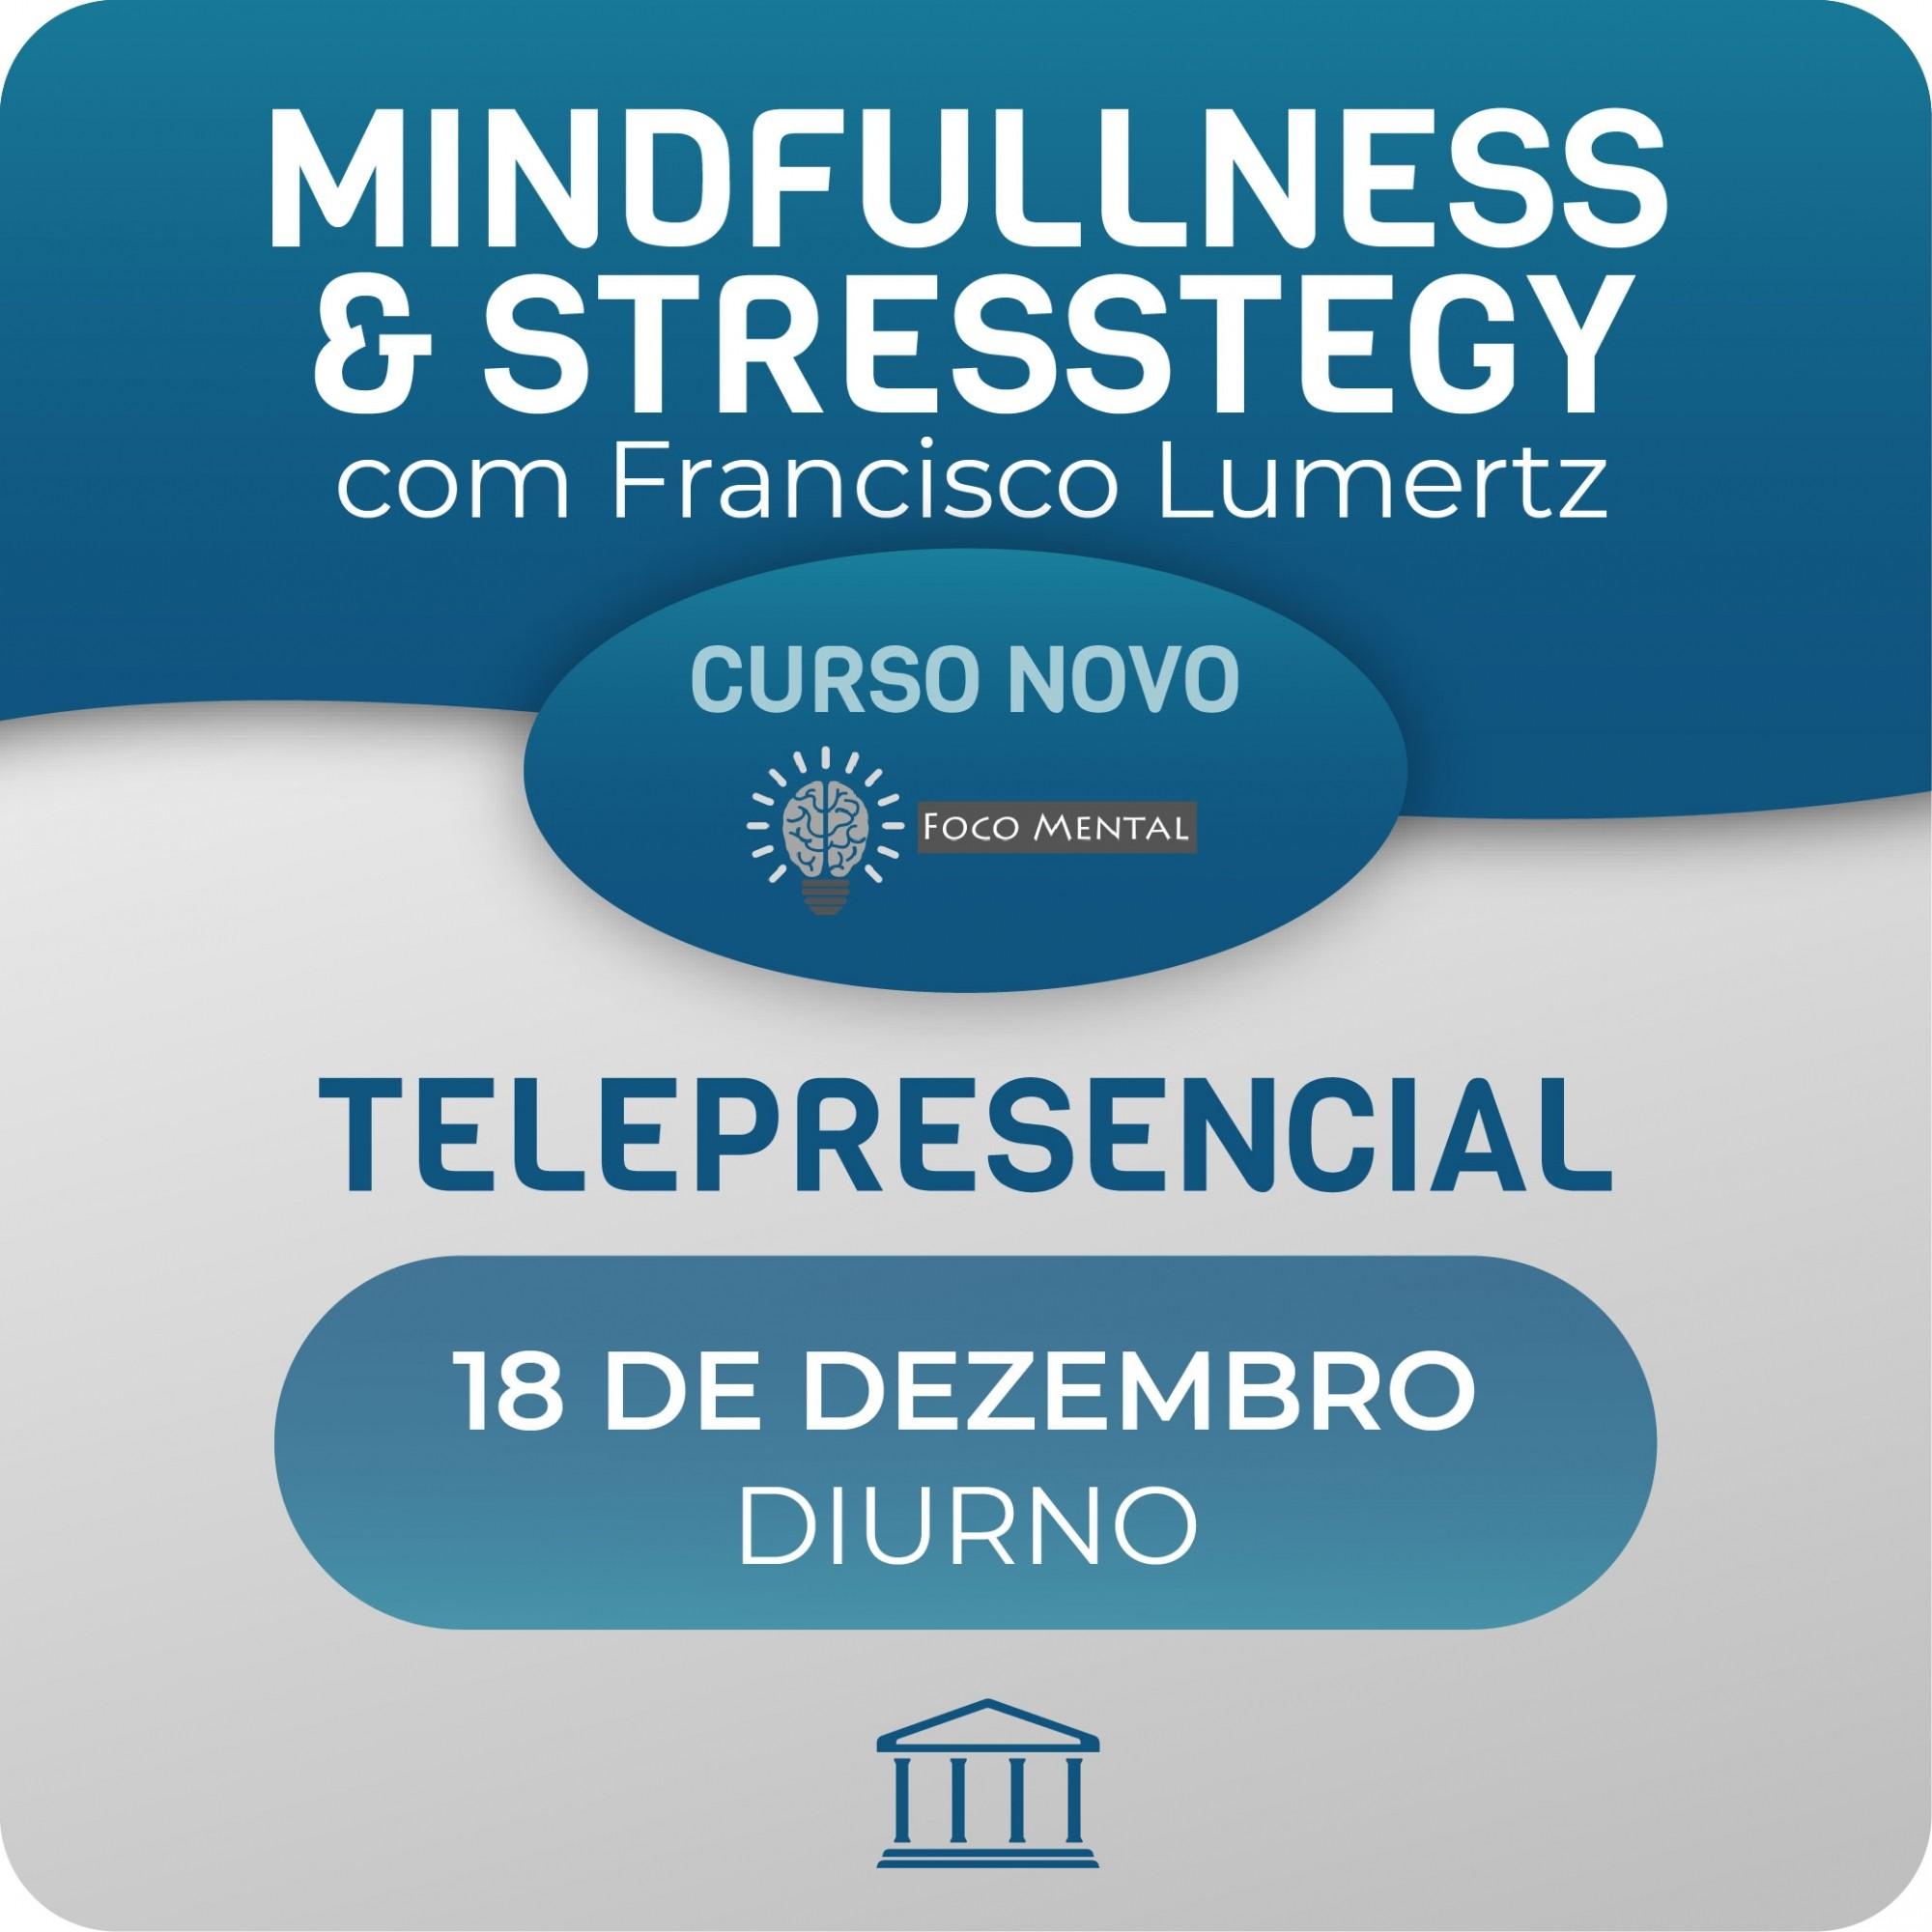 MindFullness & Stresstegy - Estratégias para Driblar o Stress em Organizações com Francisco Lumertz  - Voz e Dados